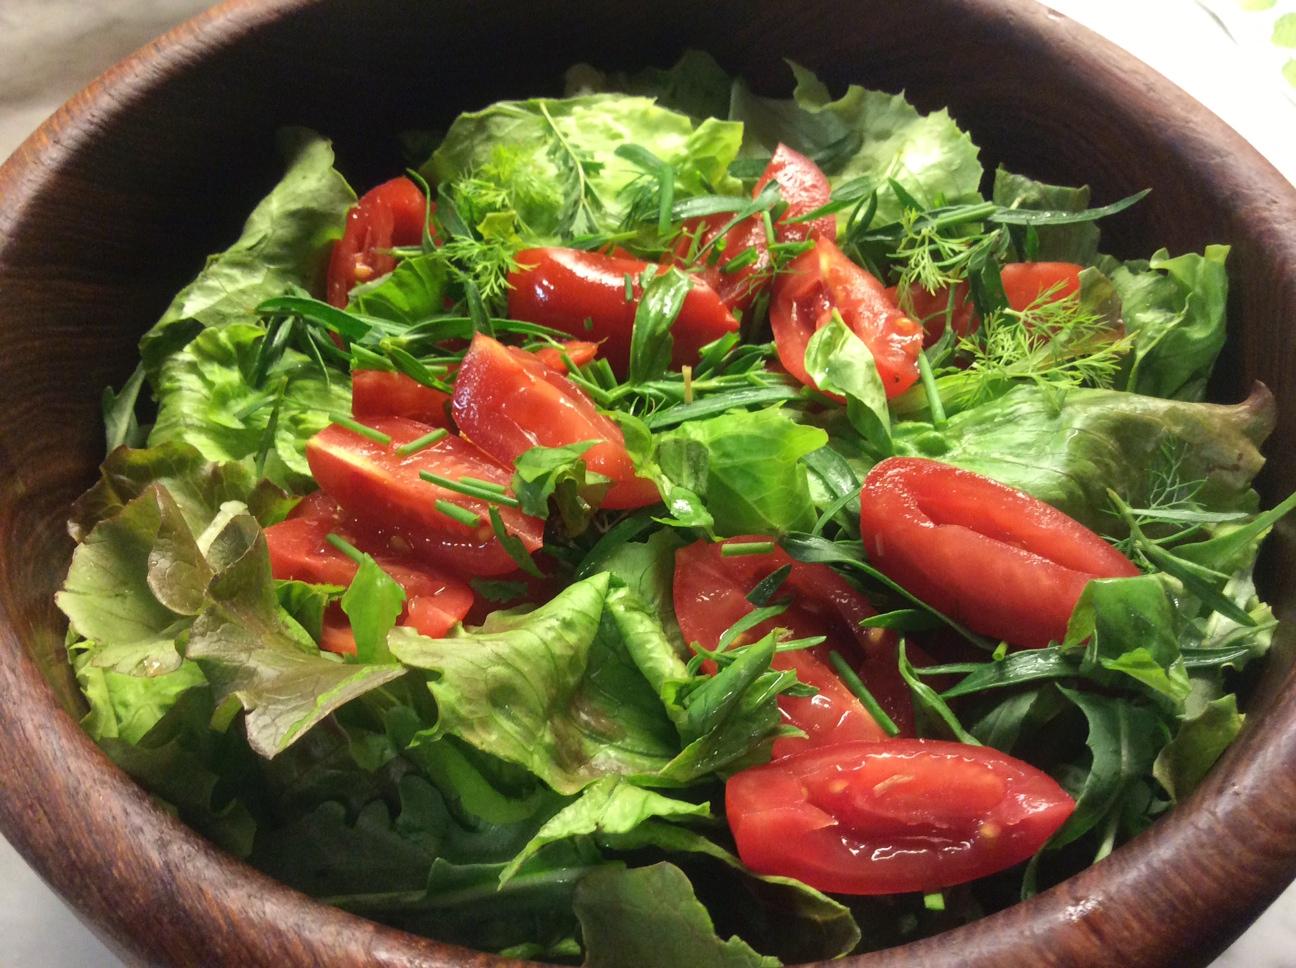 insalata con erbe aromatiche da preparare all'ultimo momento